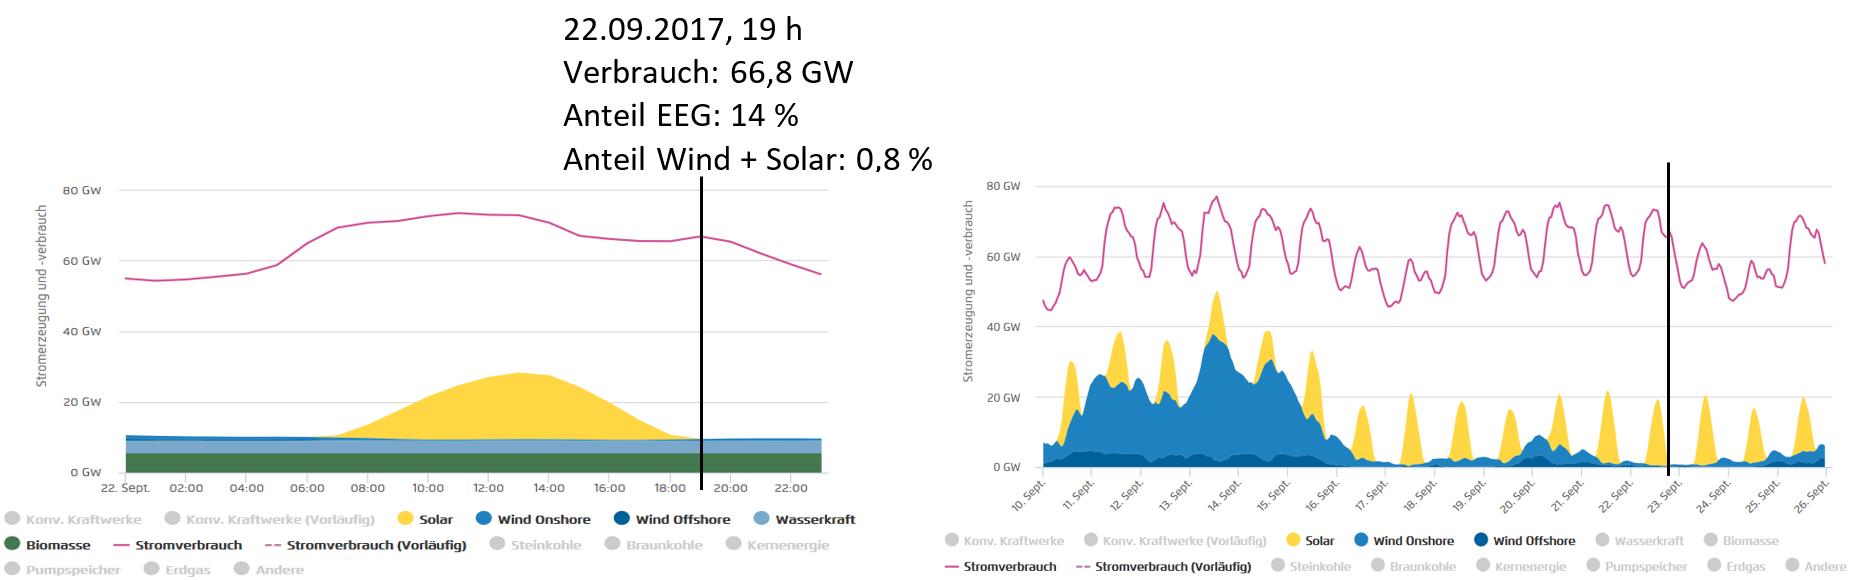 Energie - EIKE - Europäisches Institut für Klima & Energie